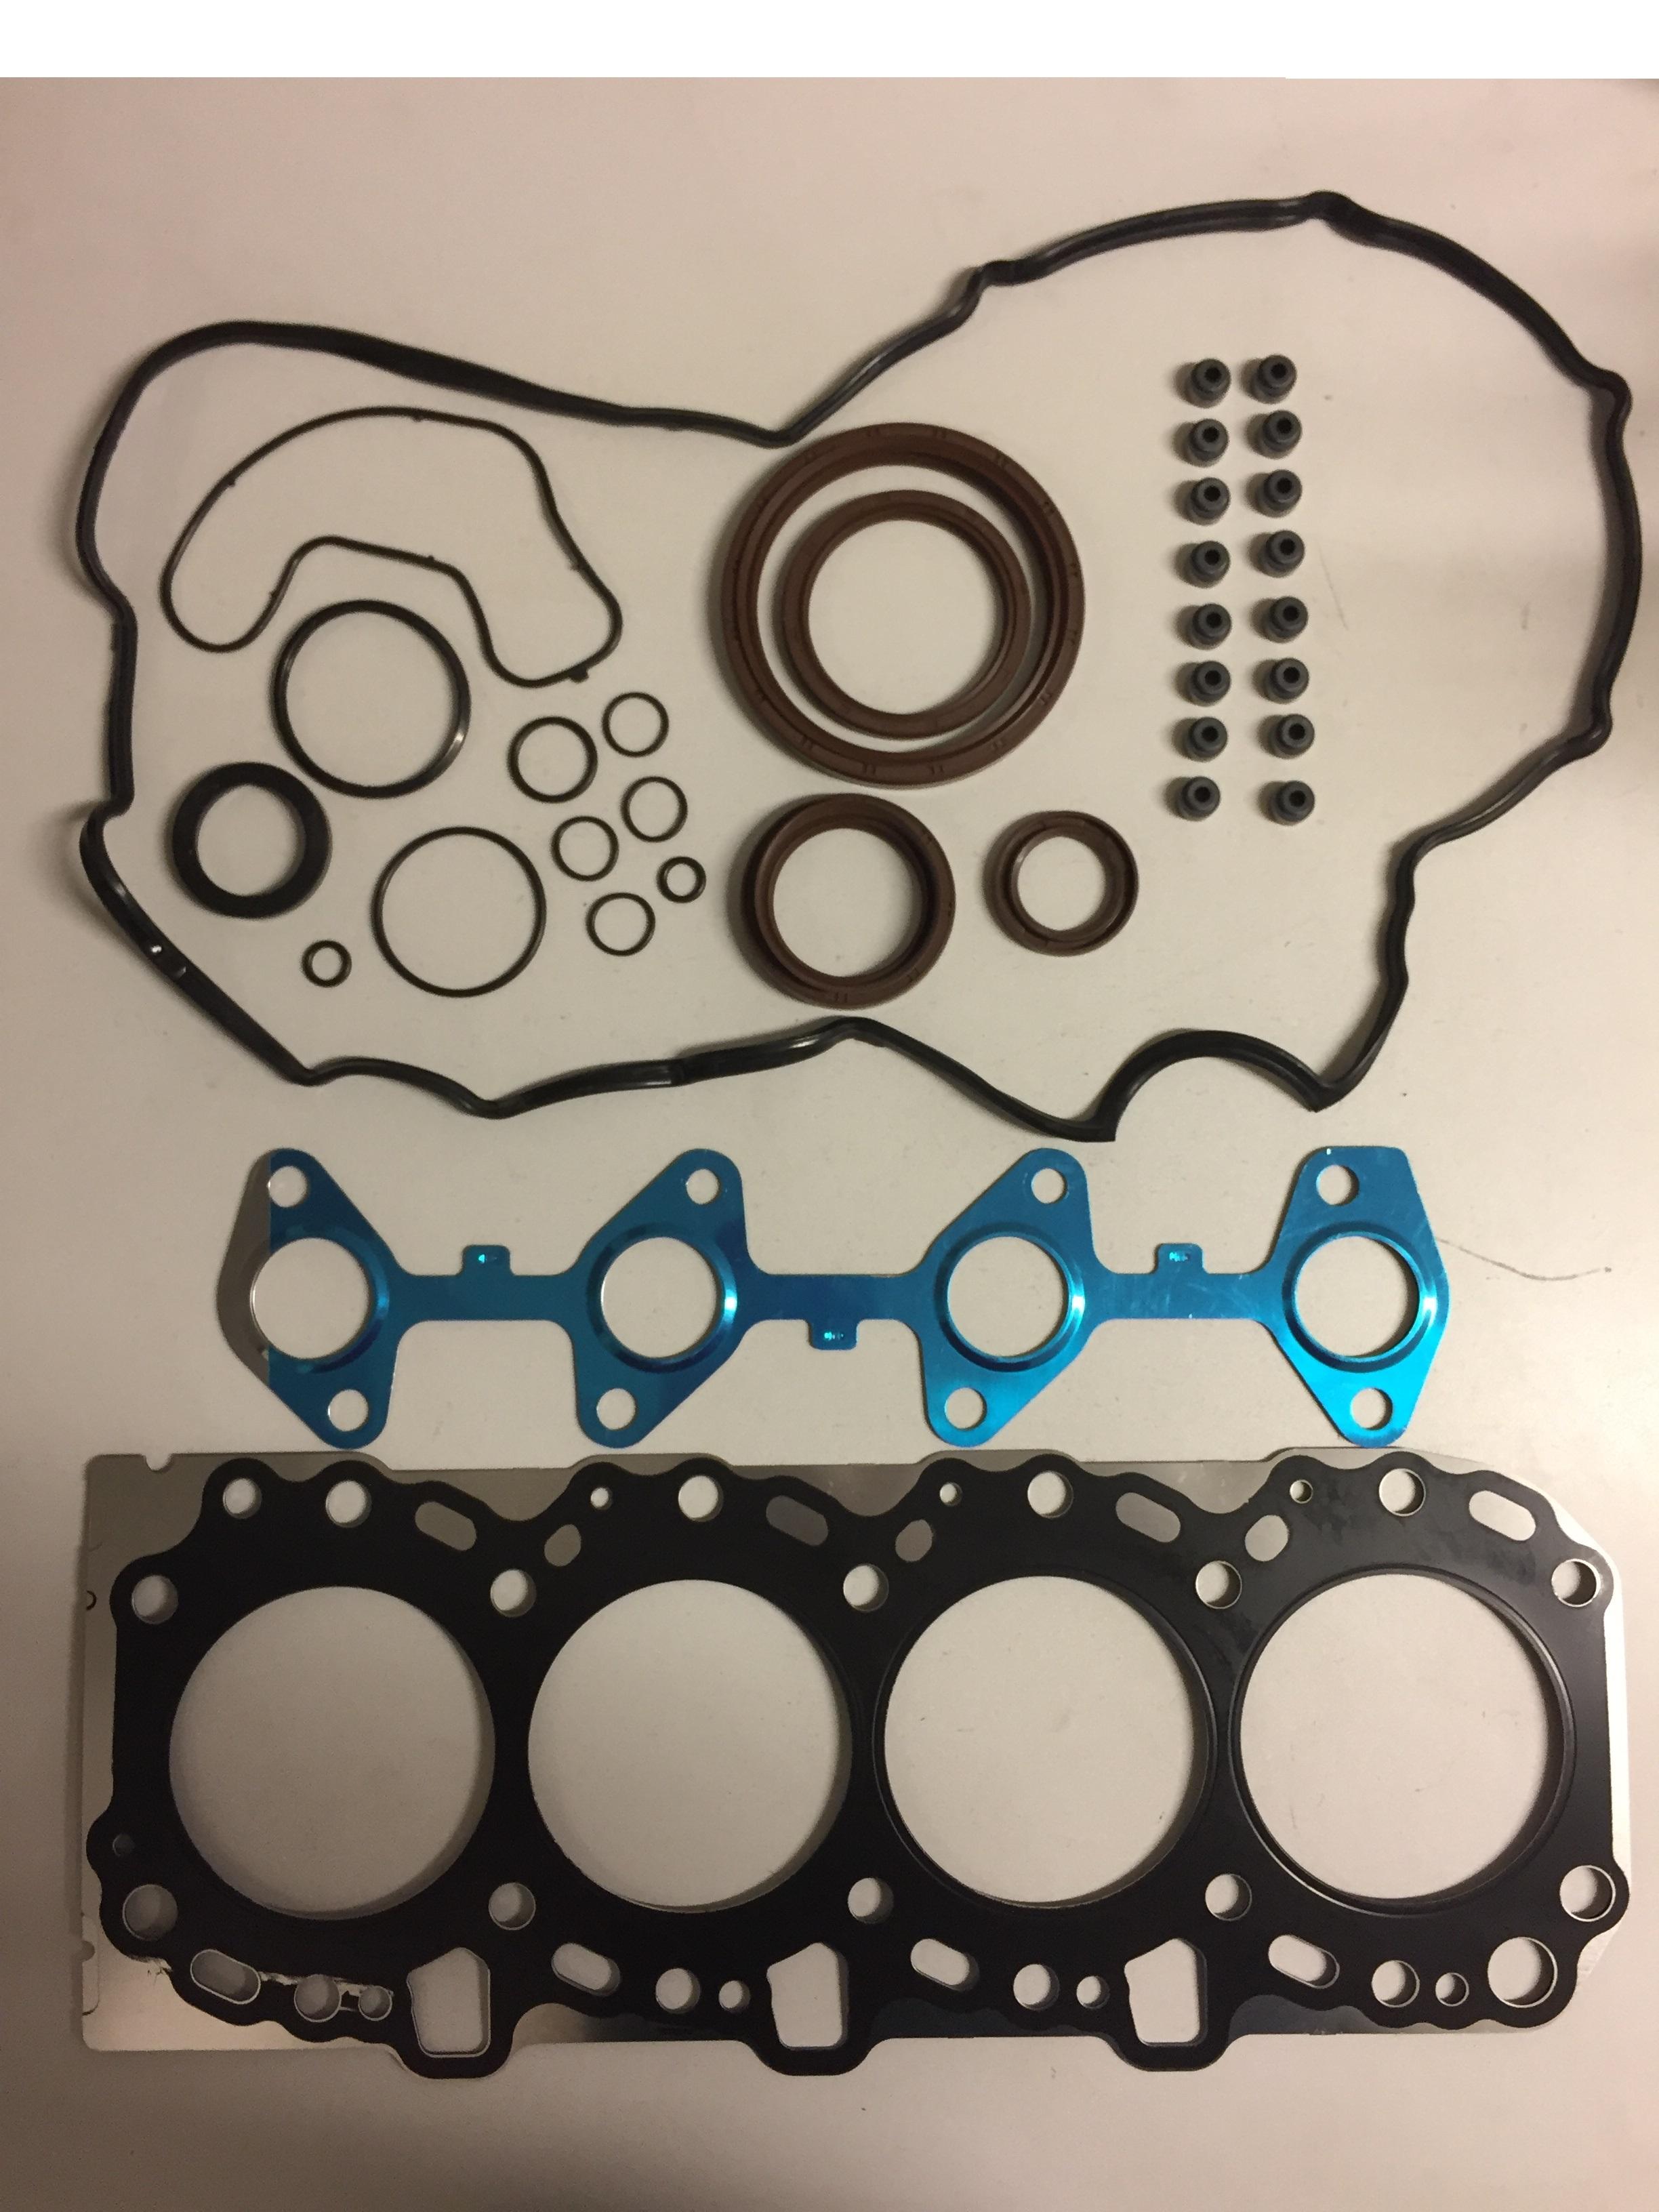 Dichtungssatz Zylinderkopfdichtung Toyota Dyna 3,0 D-4D 1KD-FTV 04111-30021 NEU